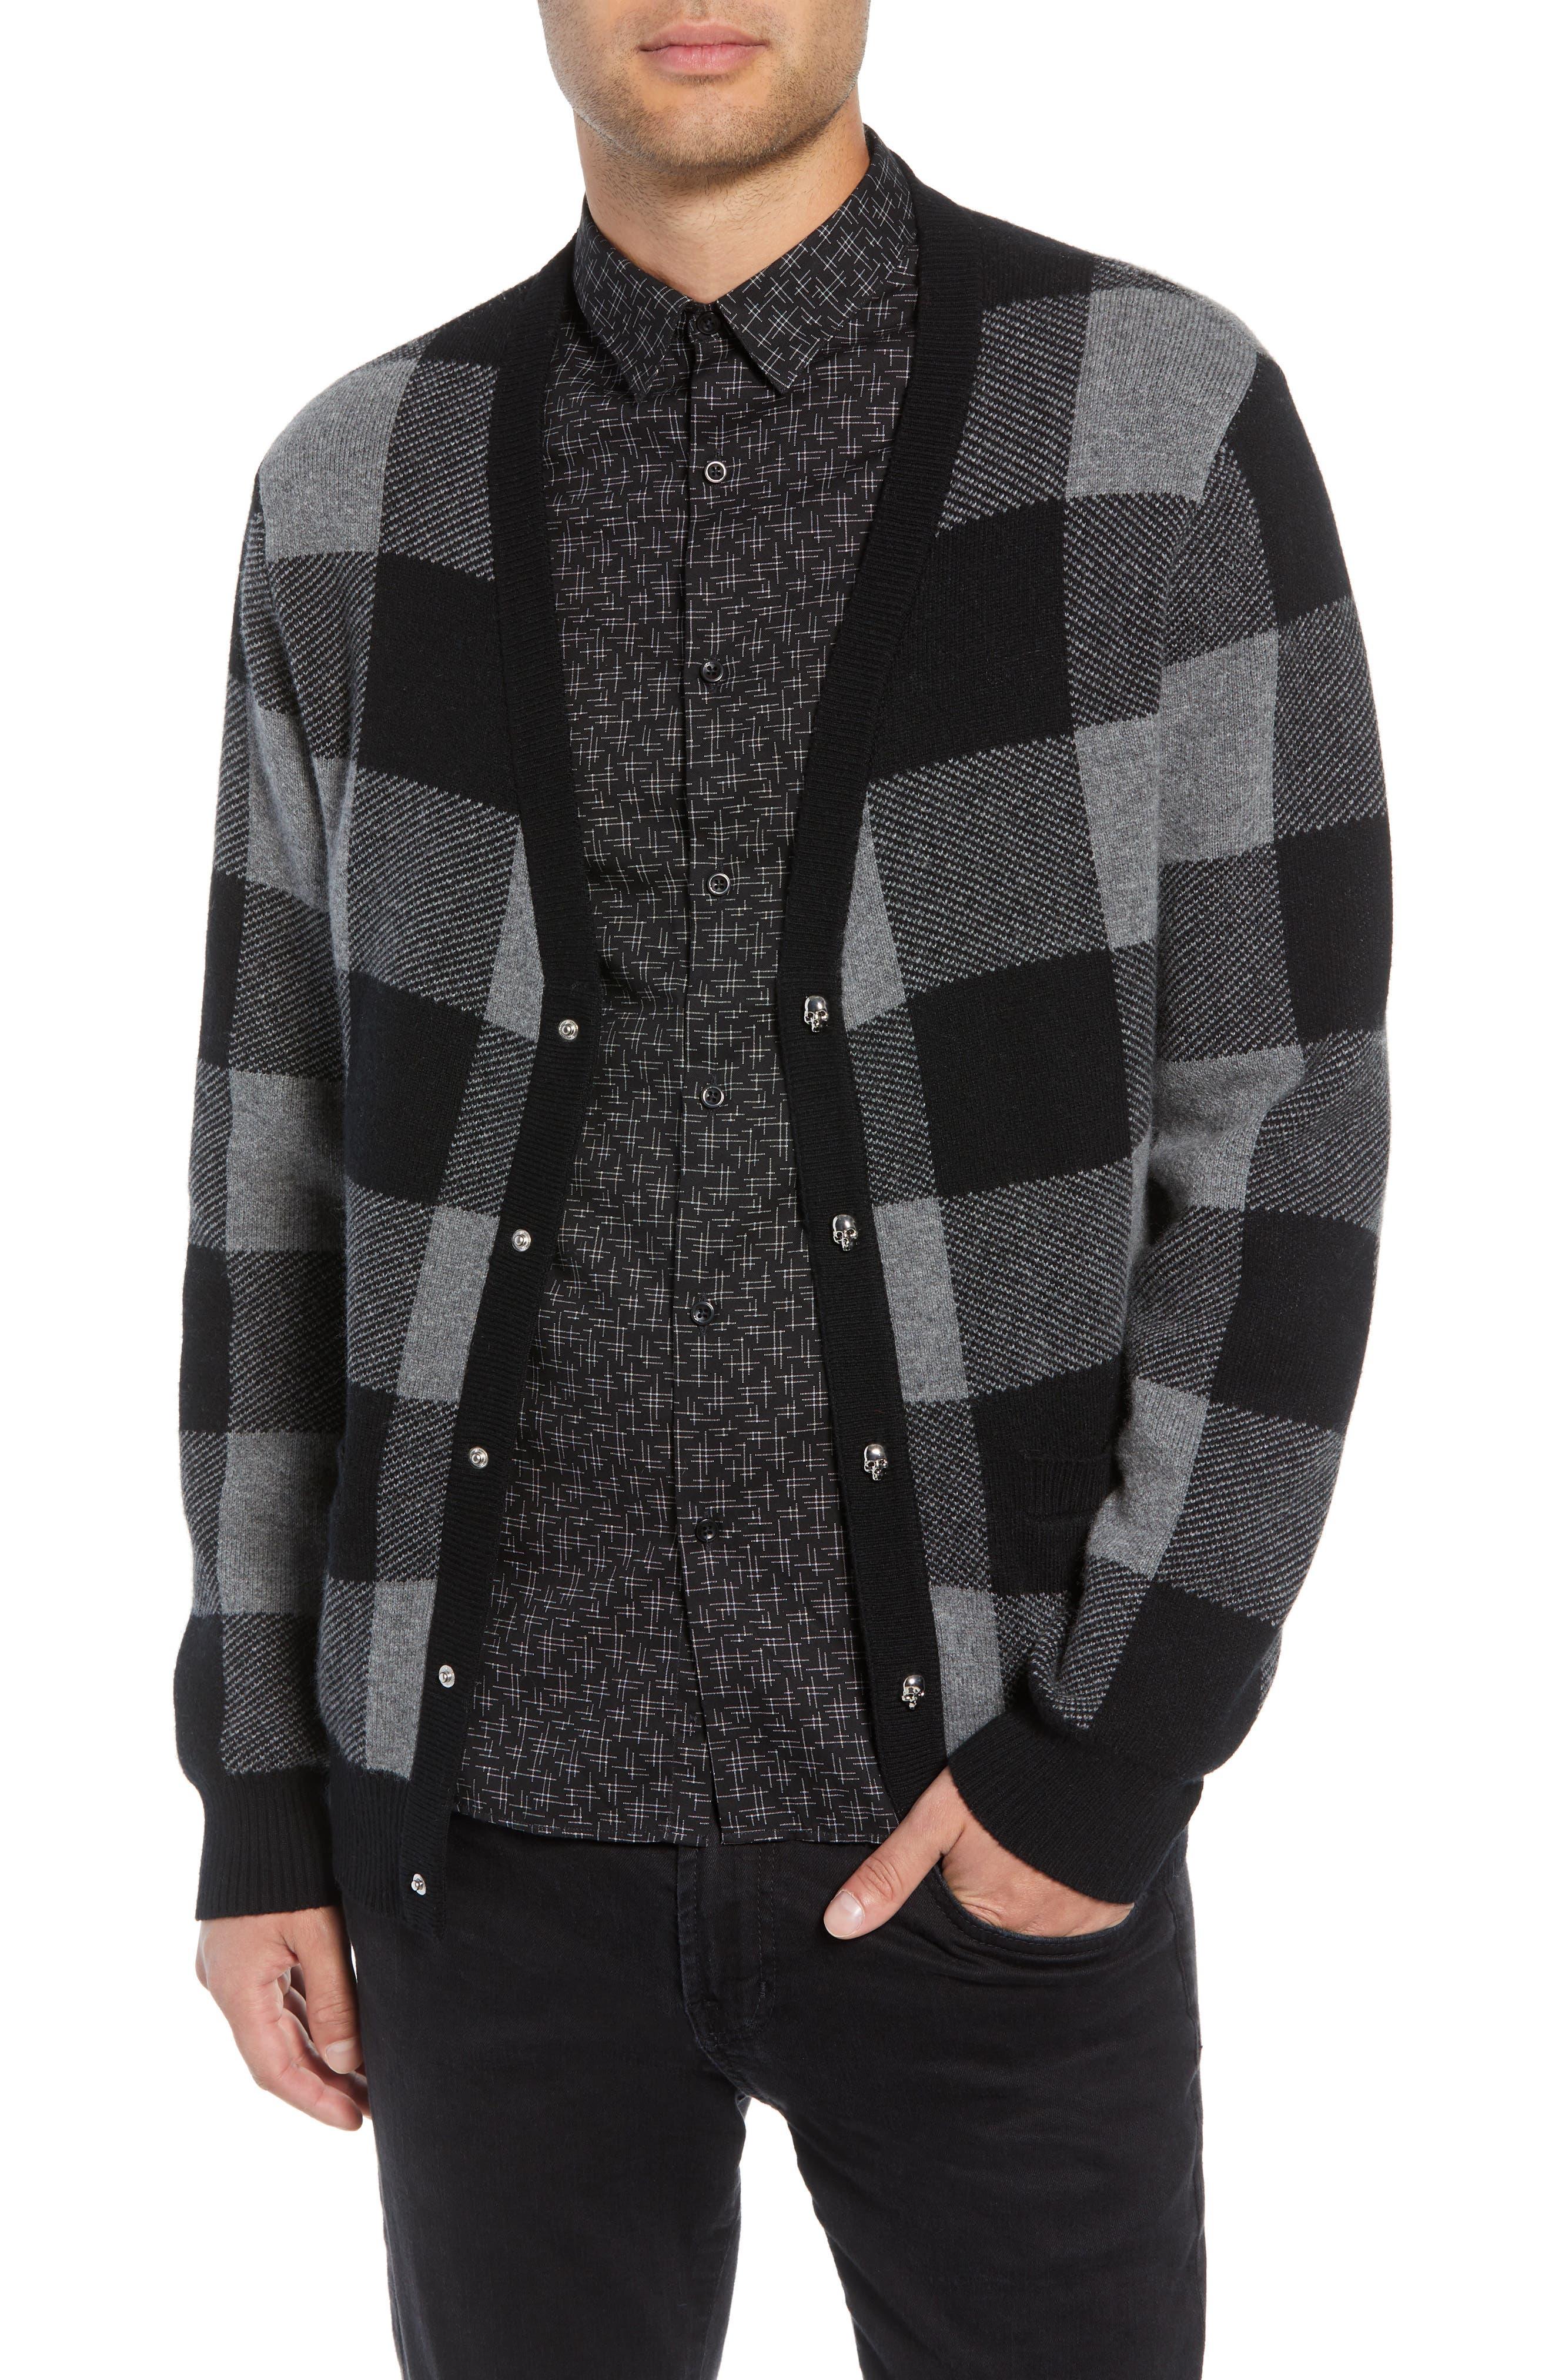 Regular Fit Check Wool Cardigan,                         Main,                         color, BLACK/ GREY